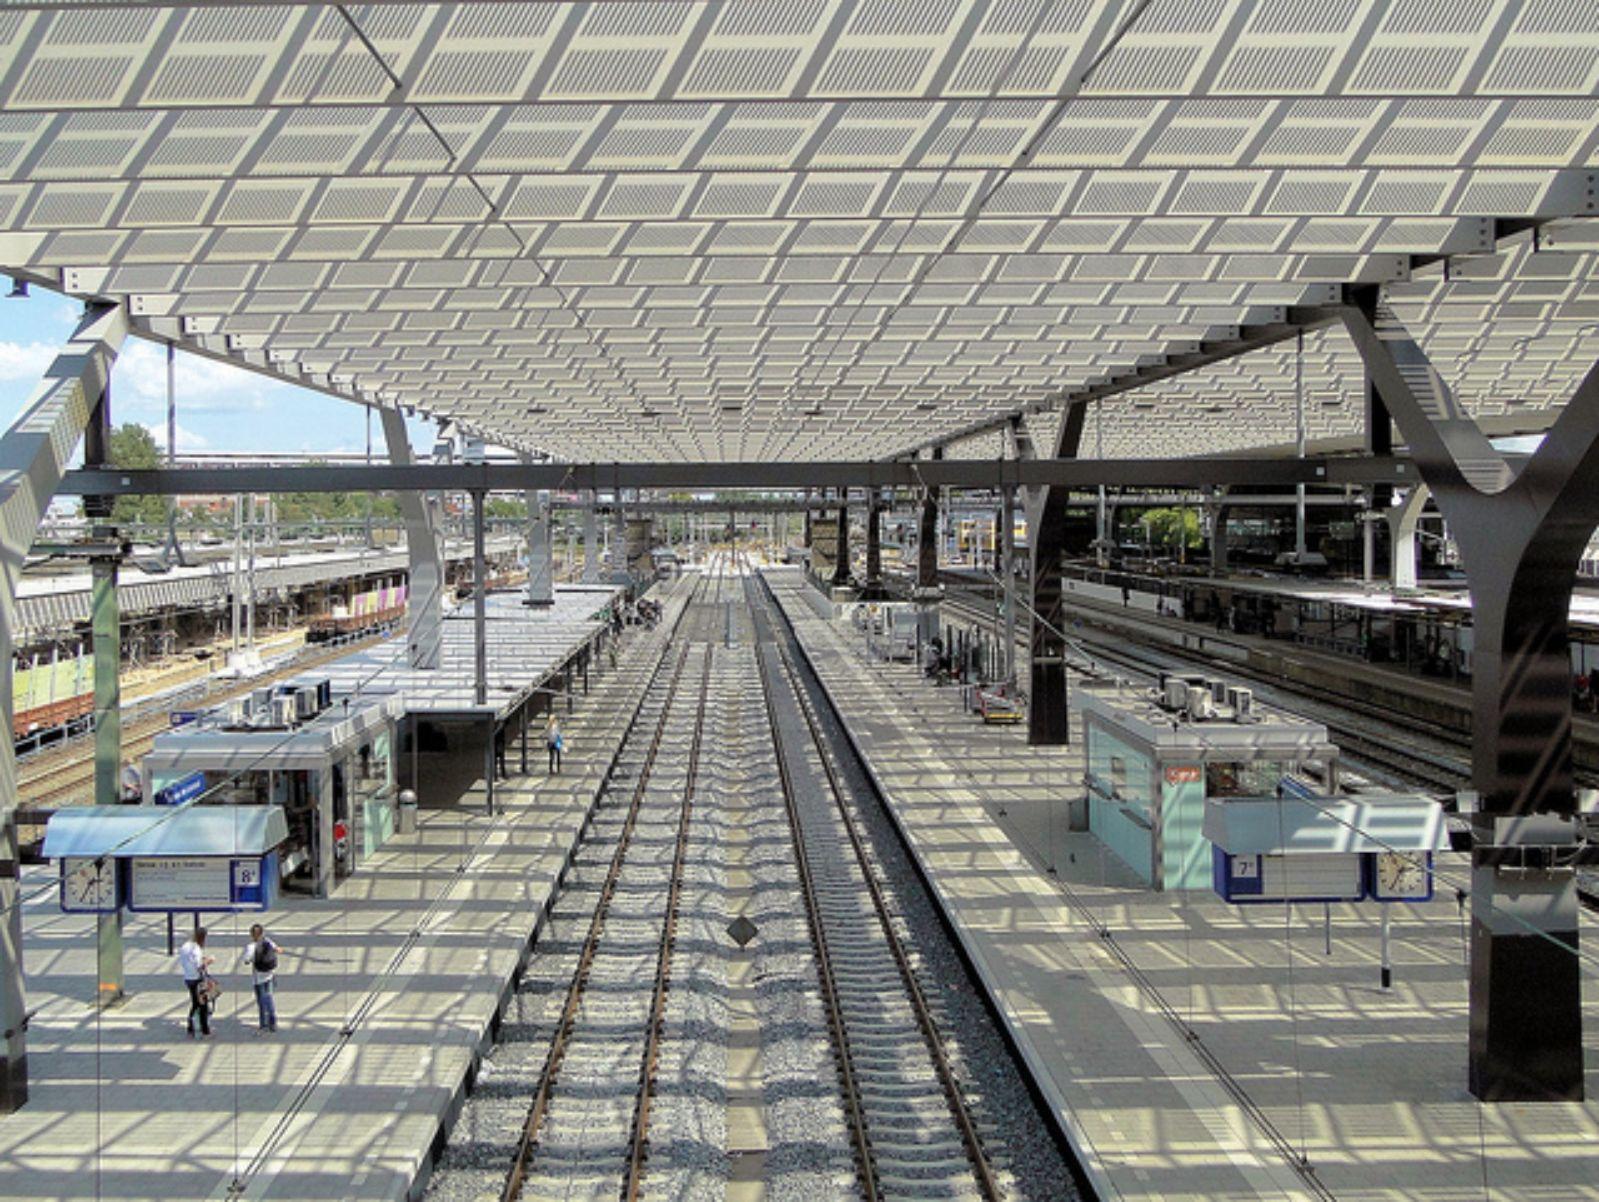 09-Rotterdam-Centro-Estación-por-Team-CS